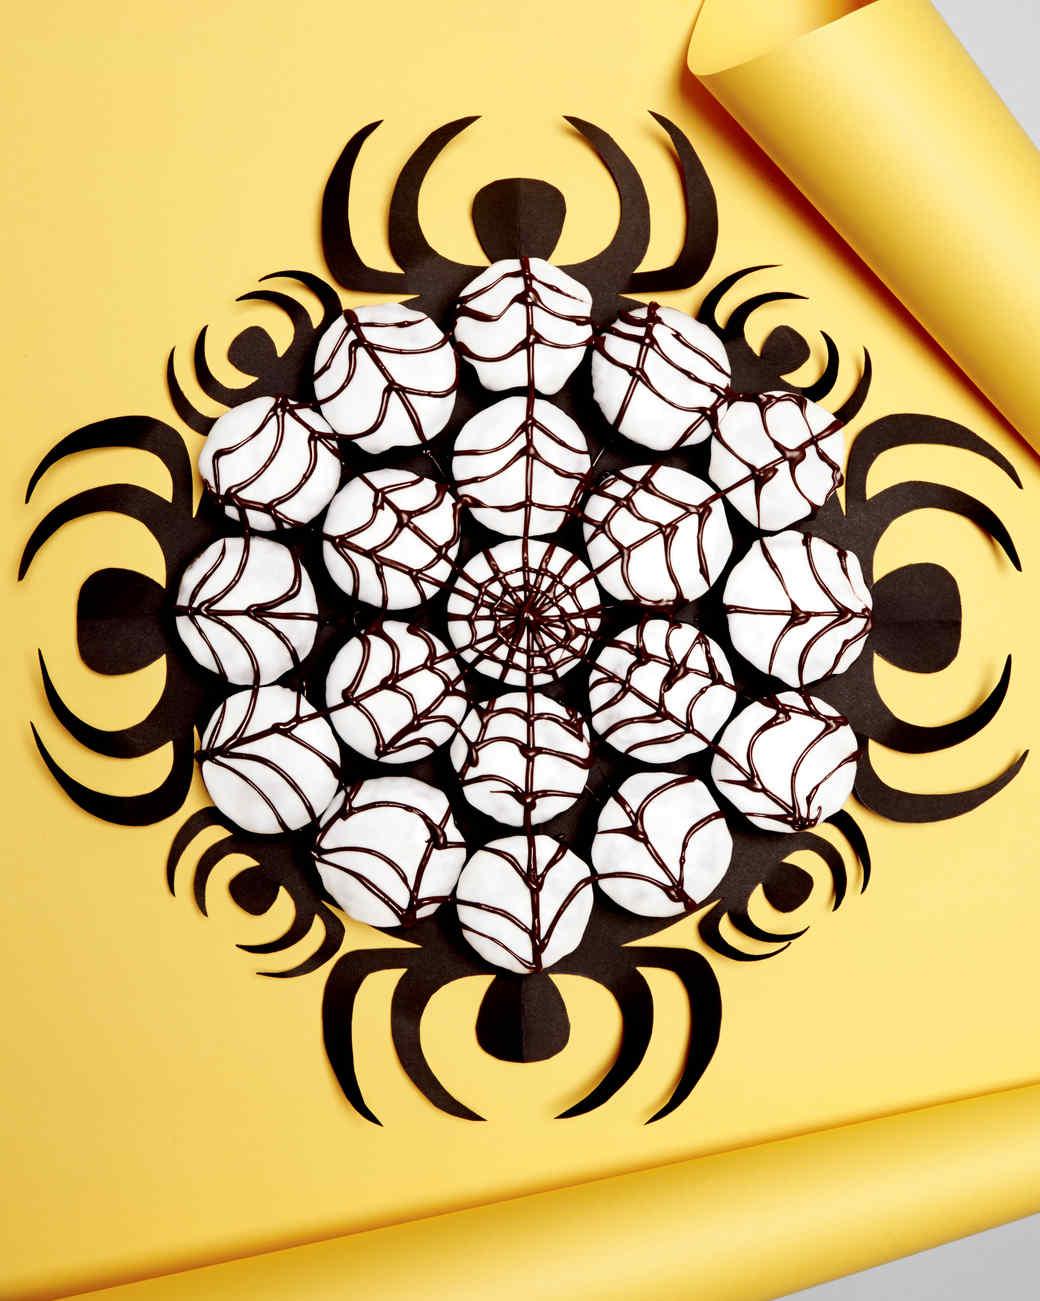 spiderweb-cupcakes-520-d111394.jpg